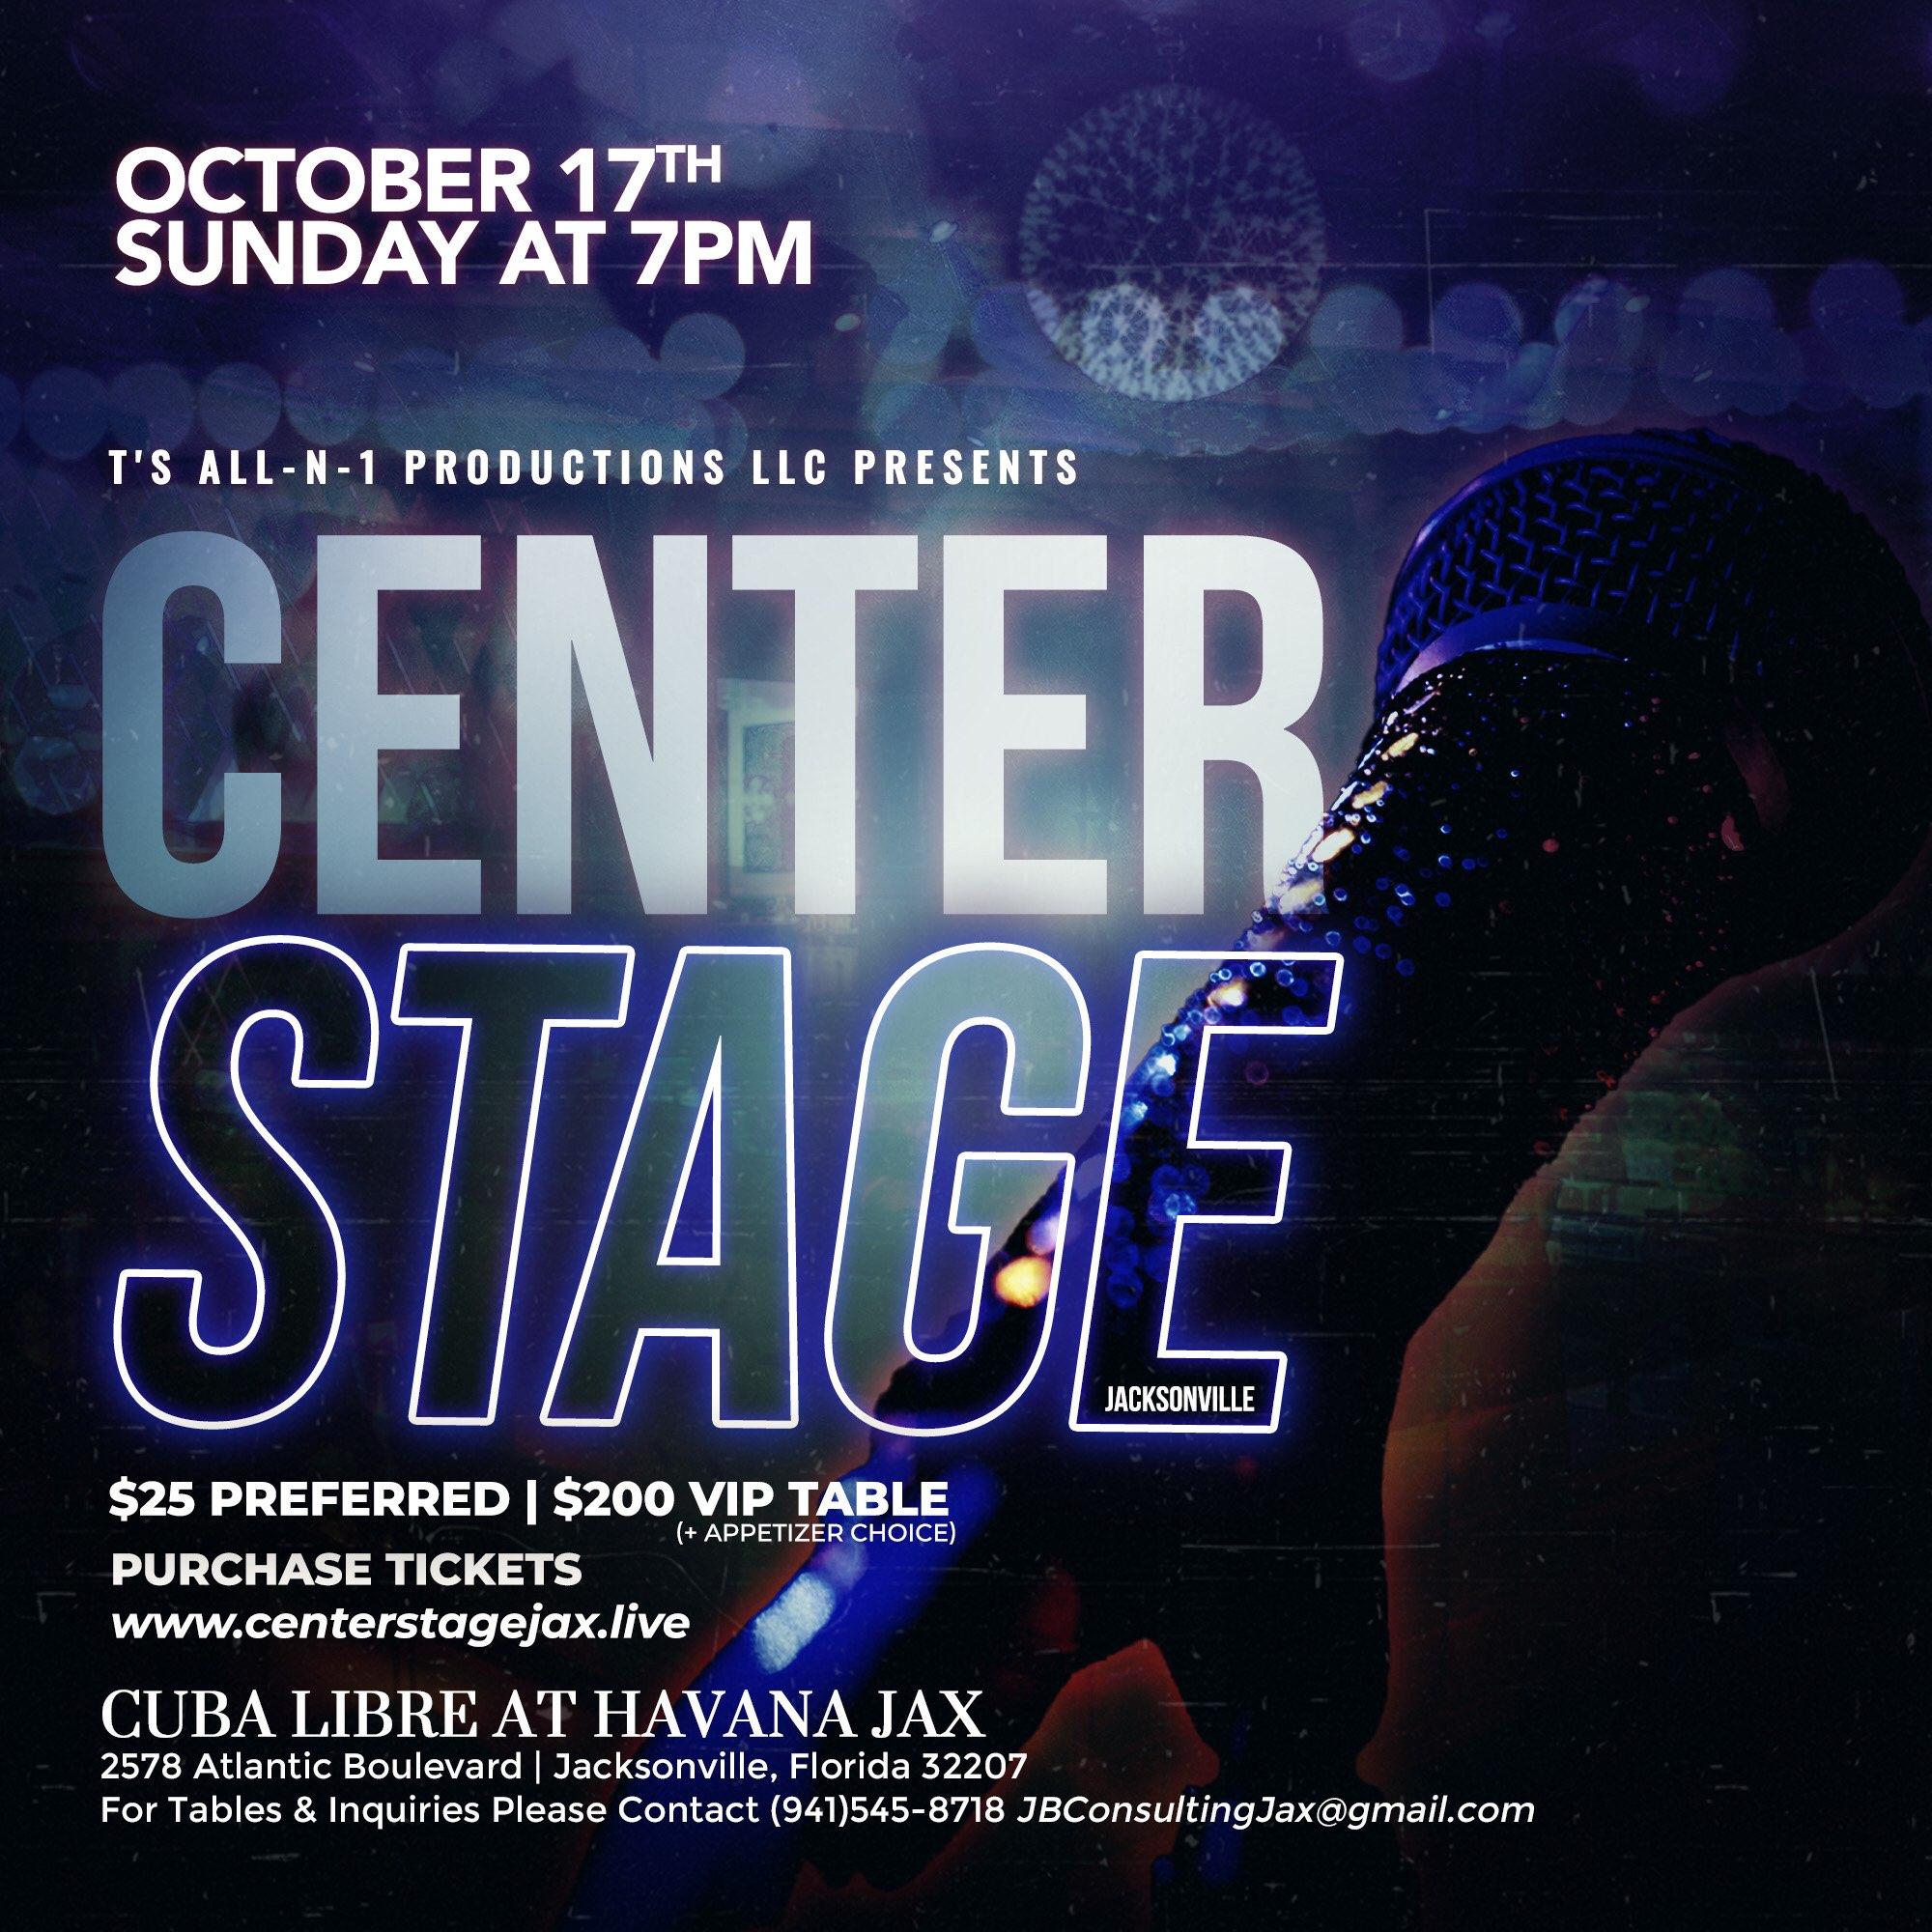 Center Stage Jax